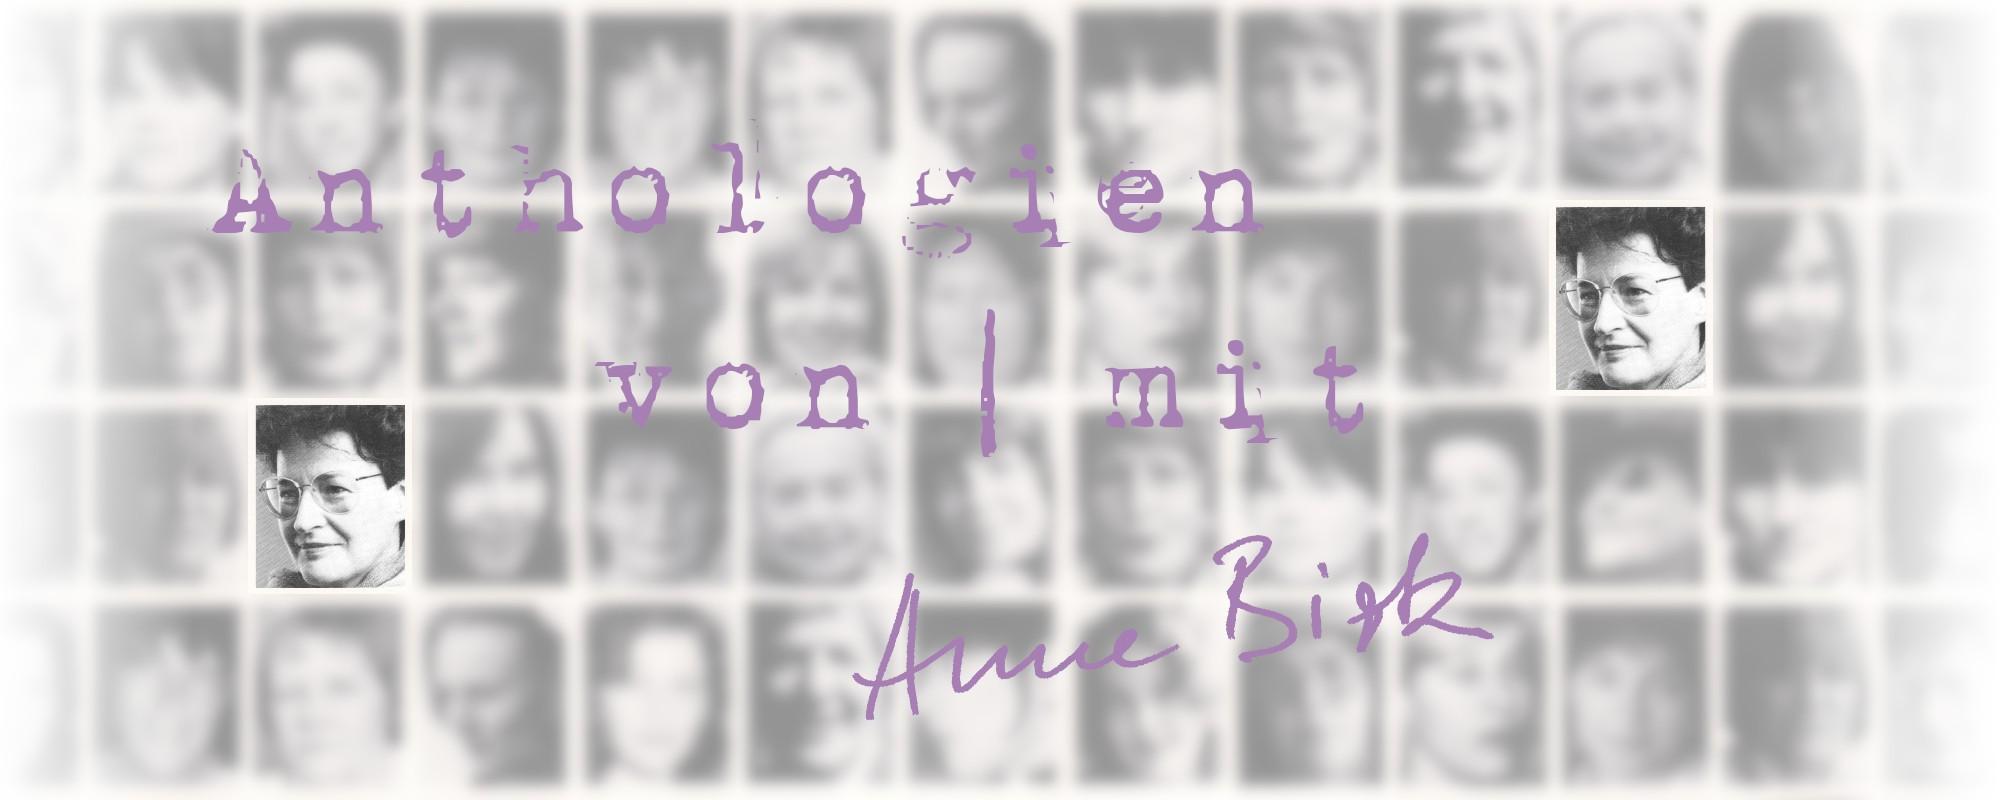 Anne-Birk-Anthologien